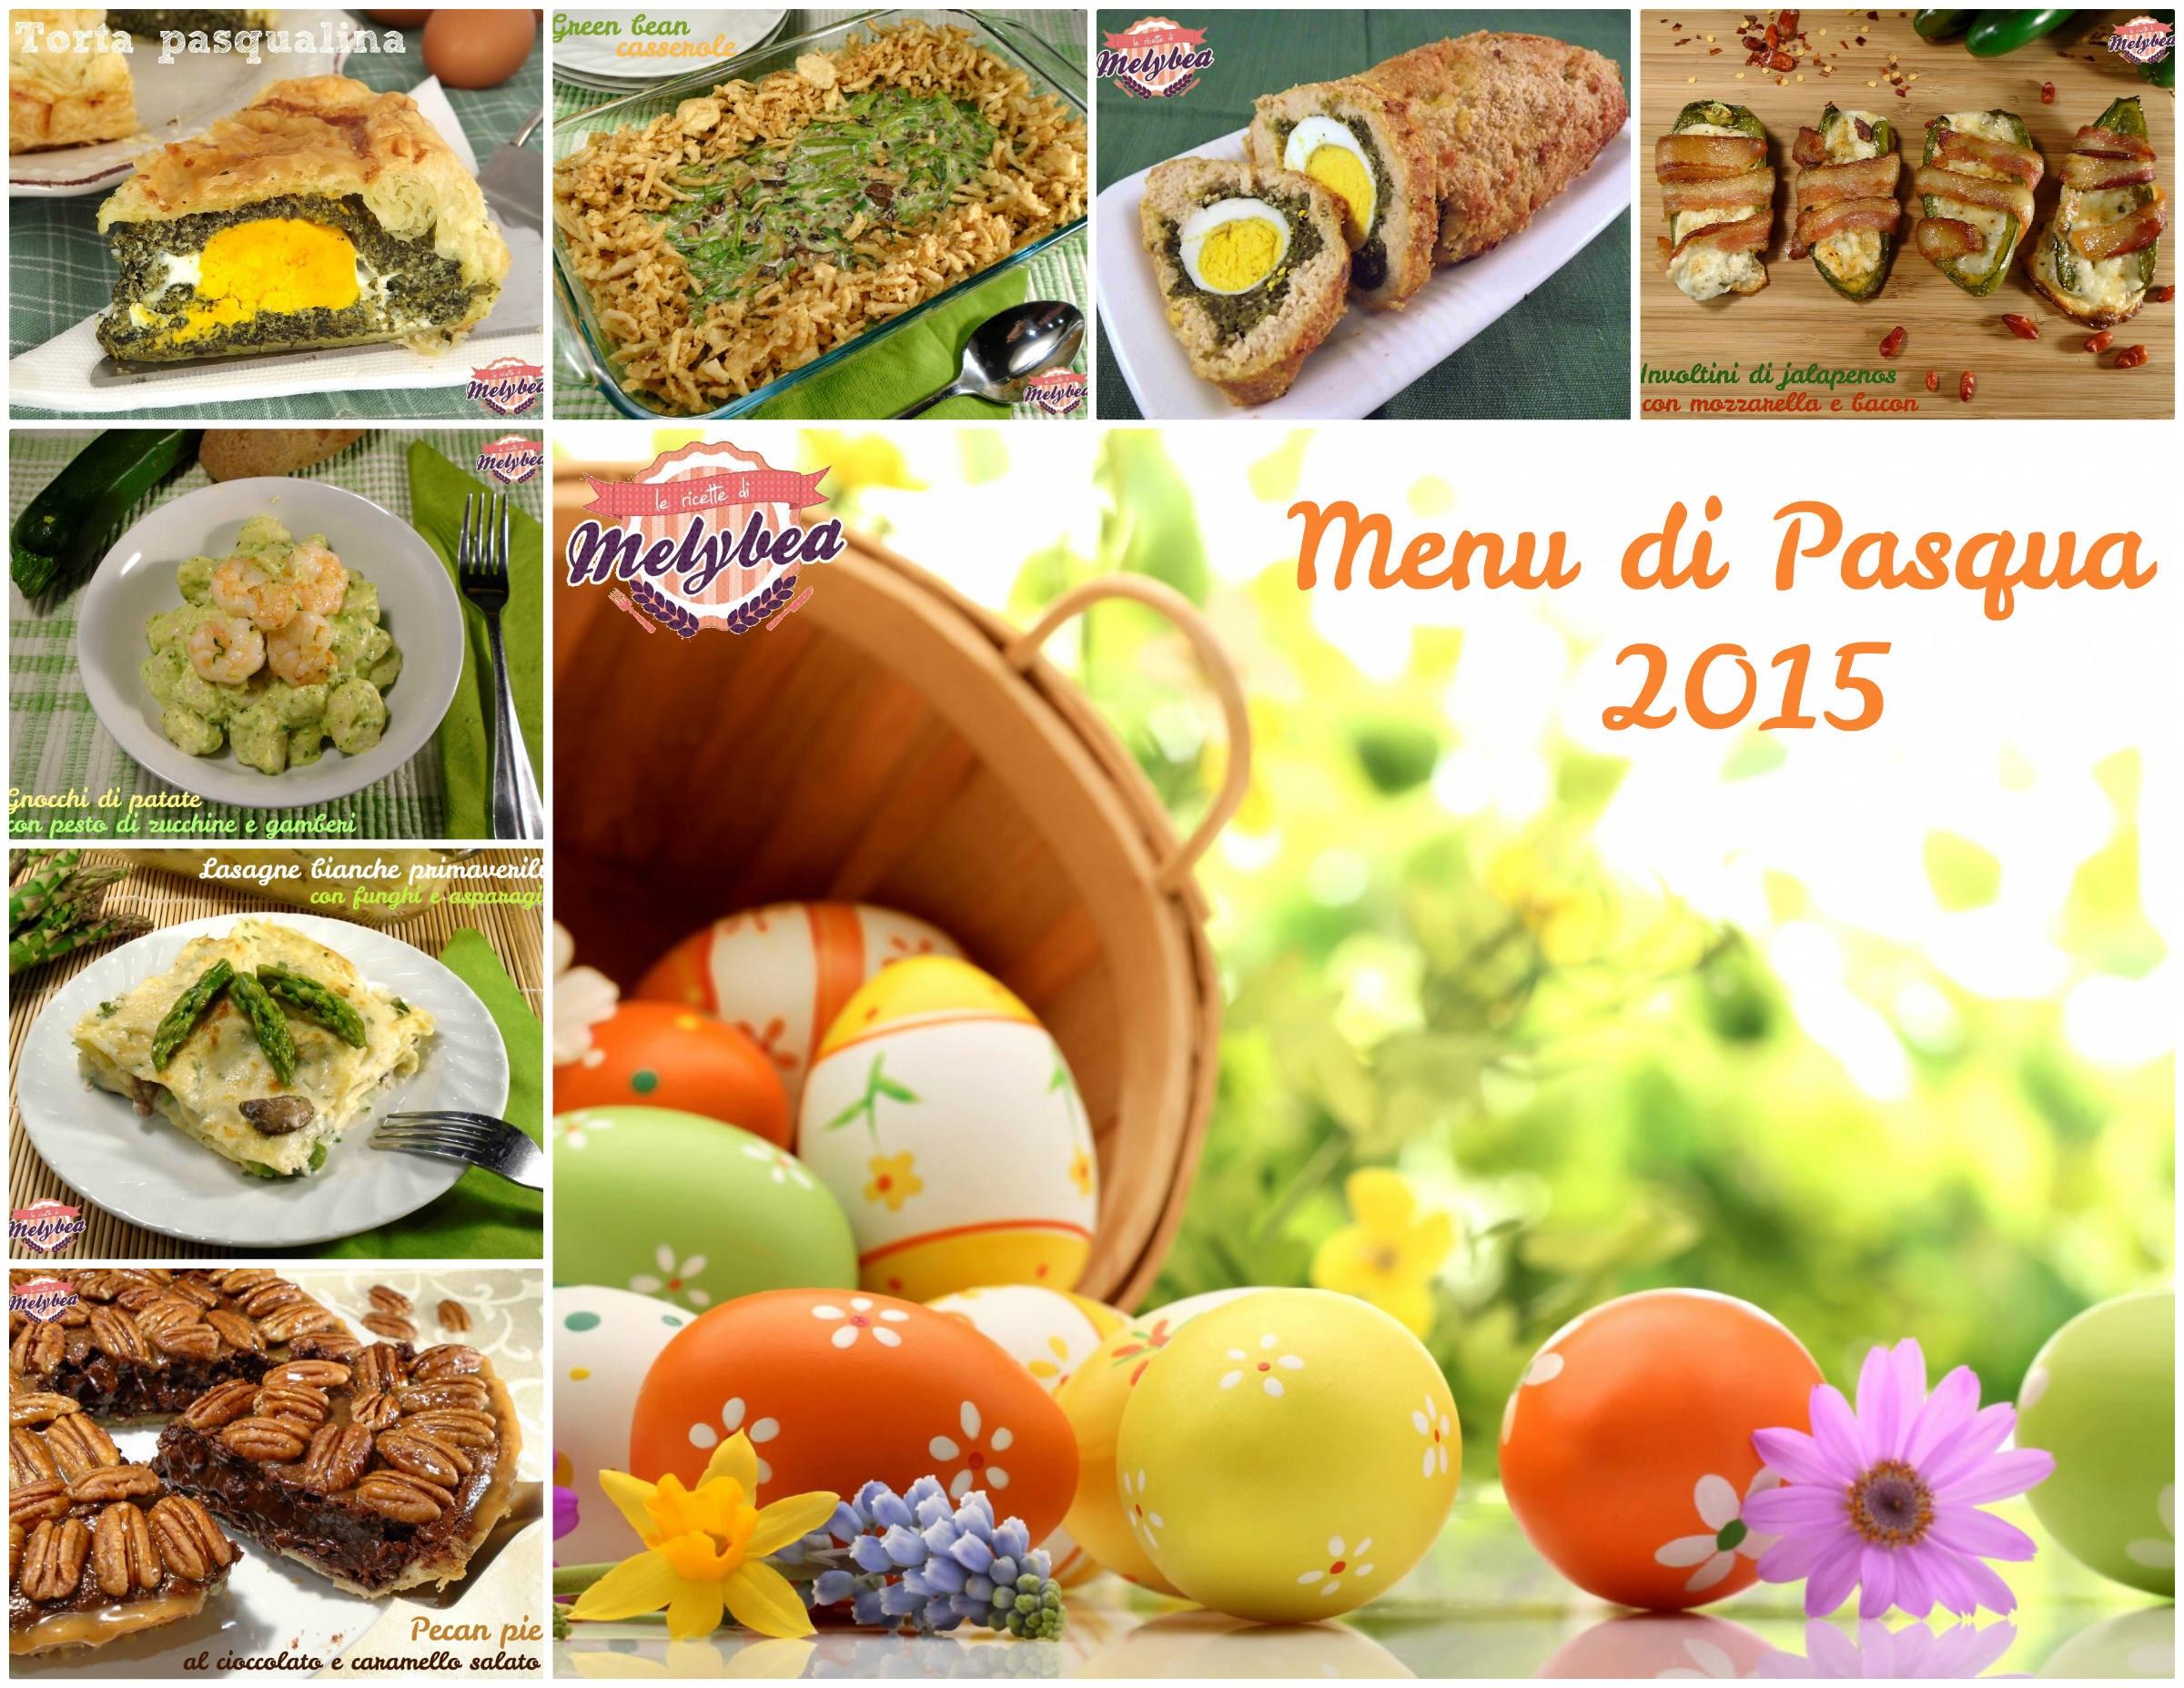 menu di pasqua 2015